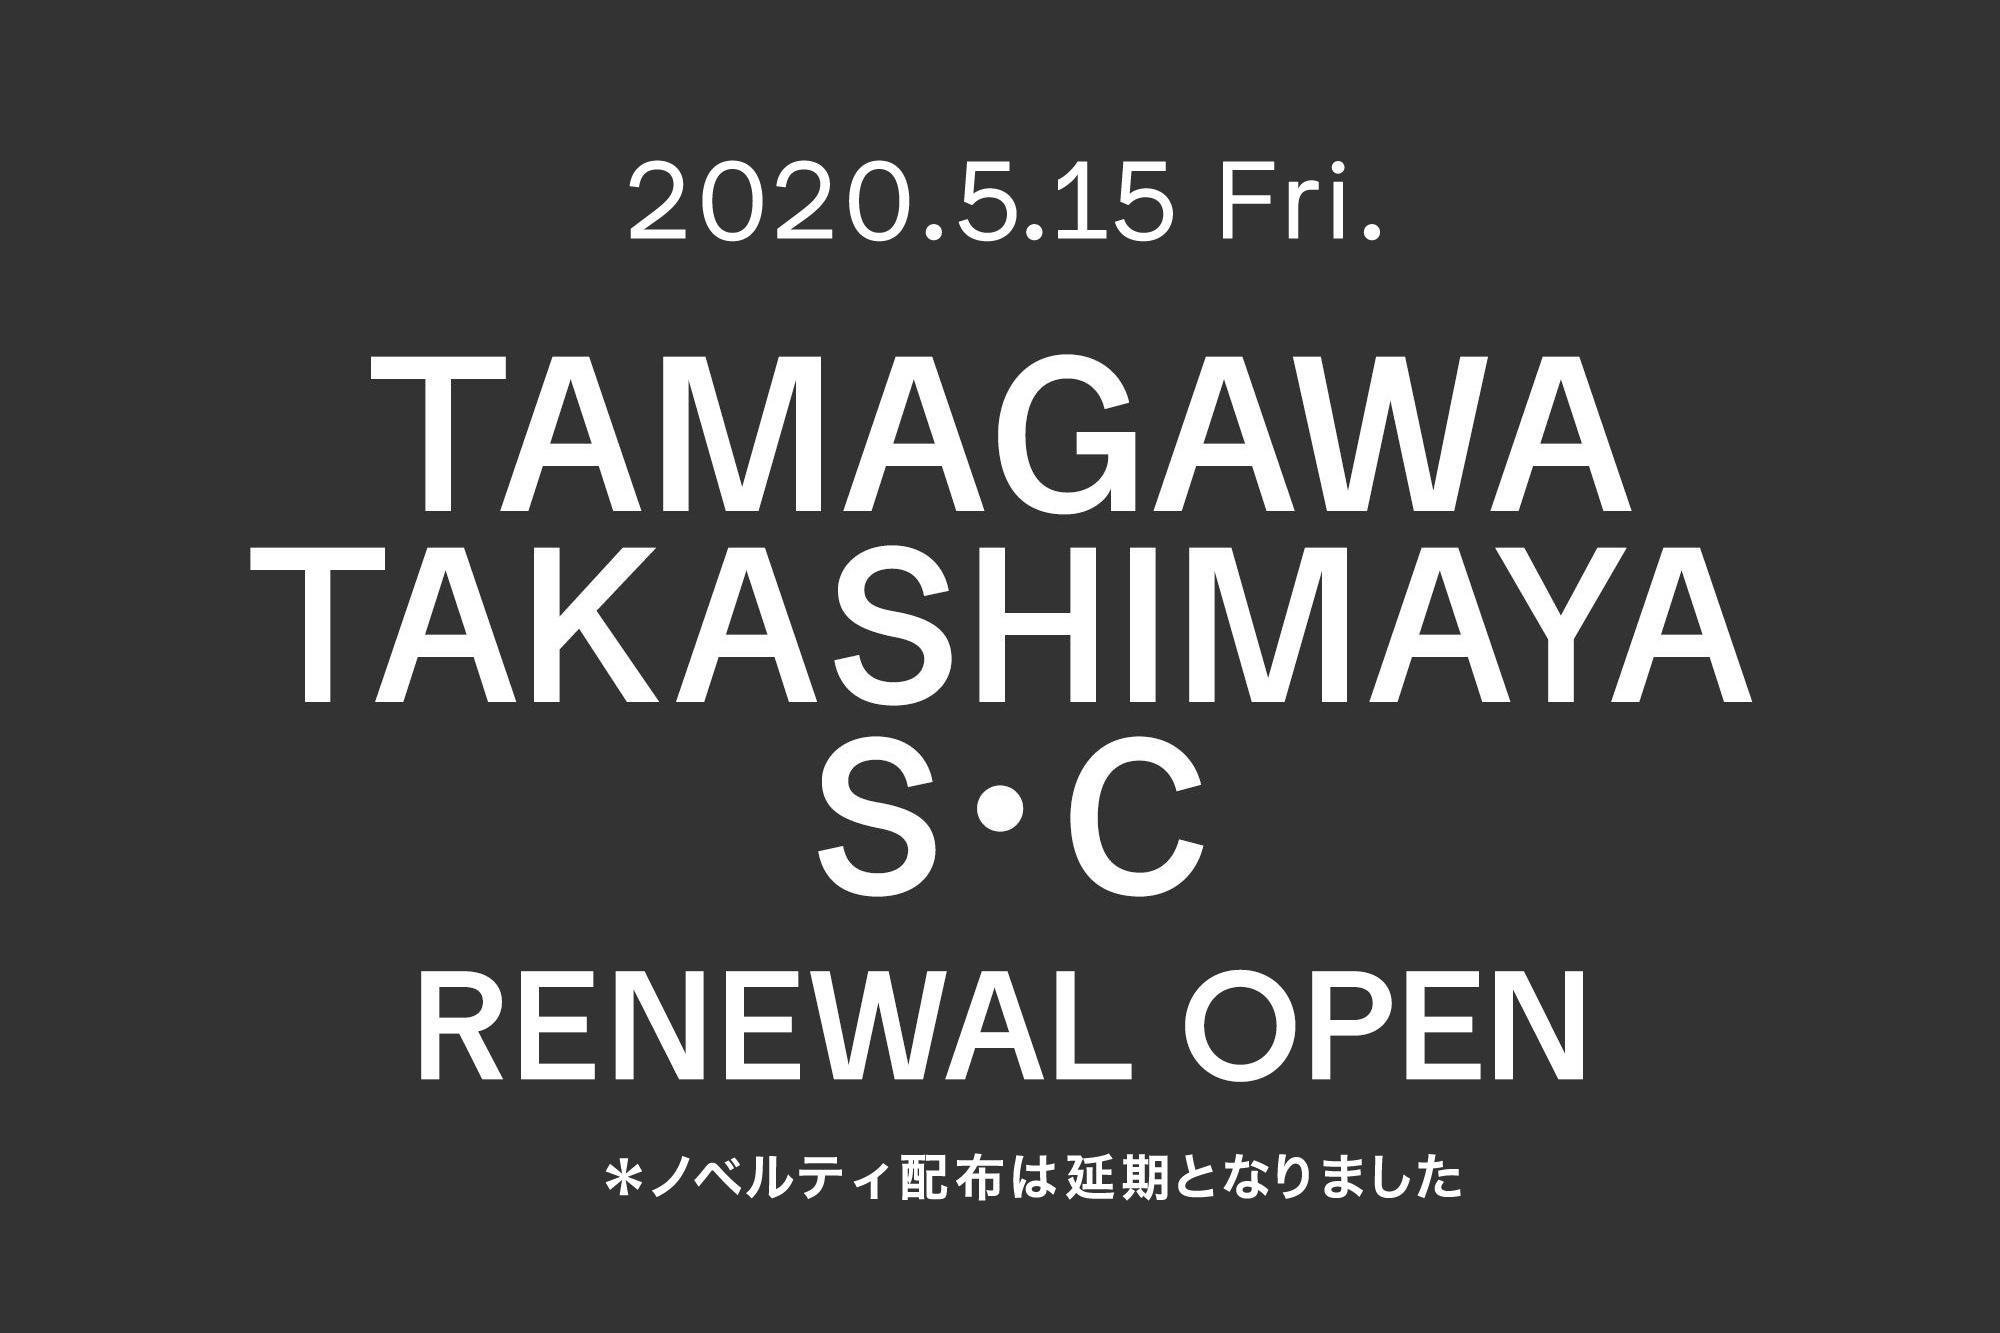 [オープン日決定のお知らせ] Marimekko 玉川高島屋S・C店 リニューアルオープン